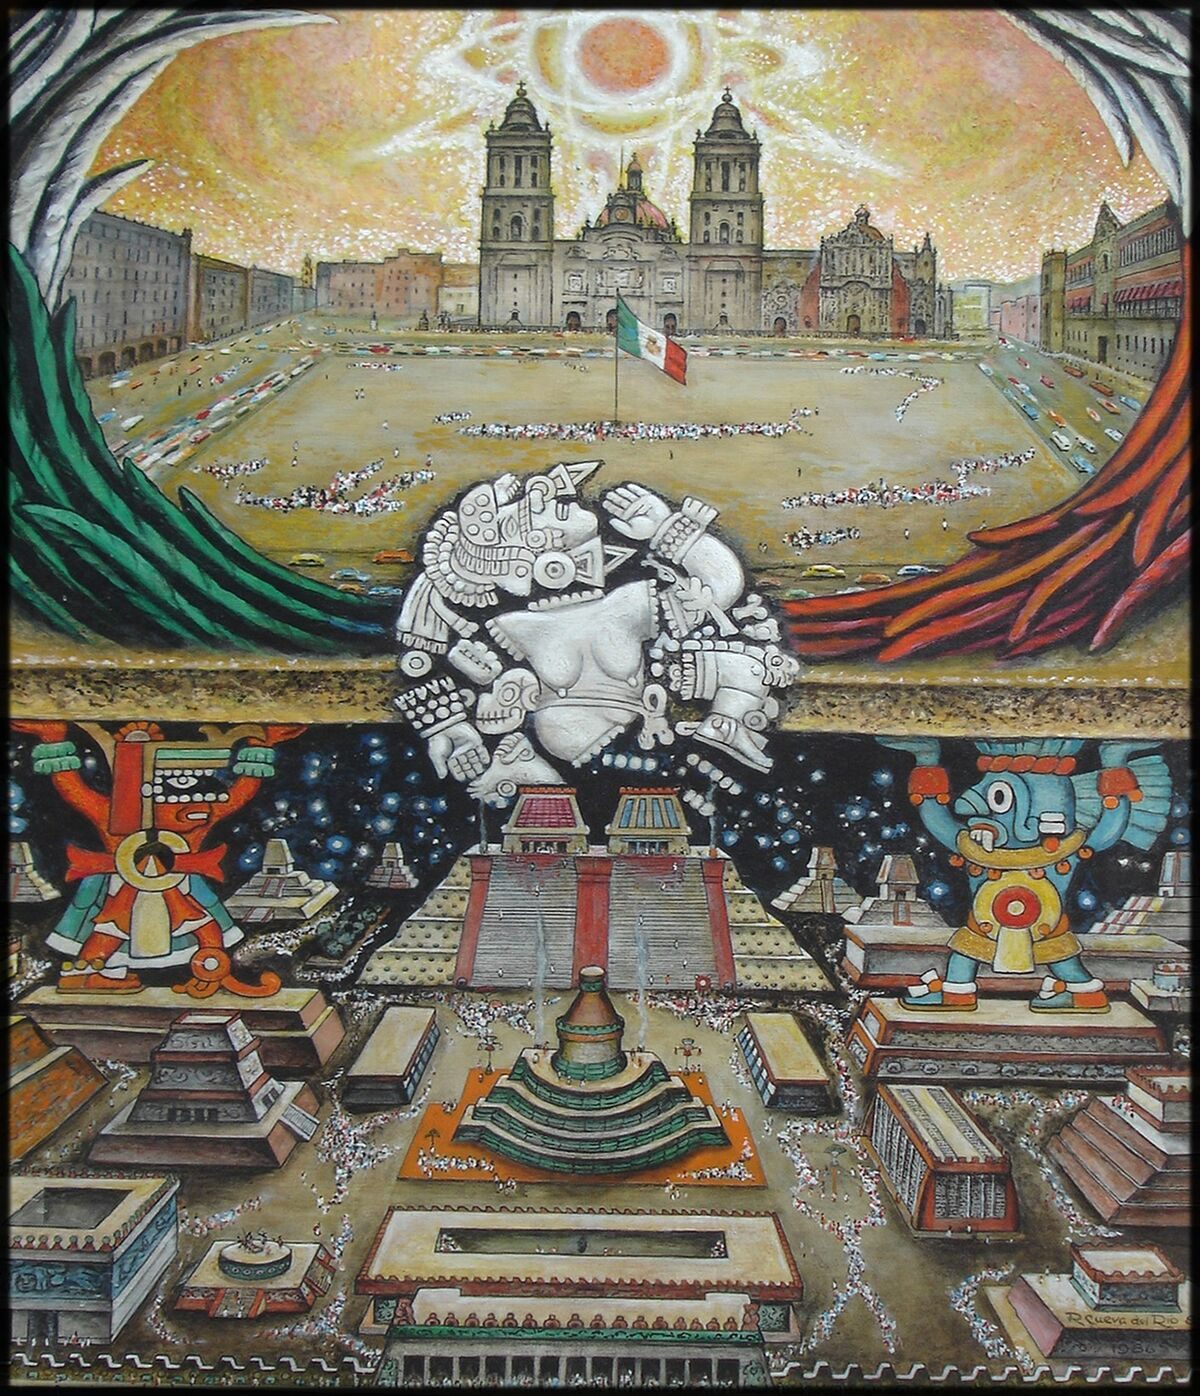 Roberto Cueva Del Río, Fundacion Tenochtitlan, 1986. Image via Wikimedia Commons.